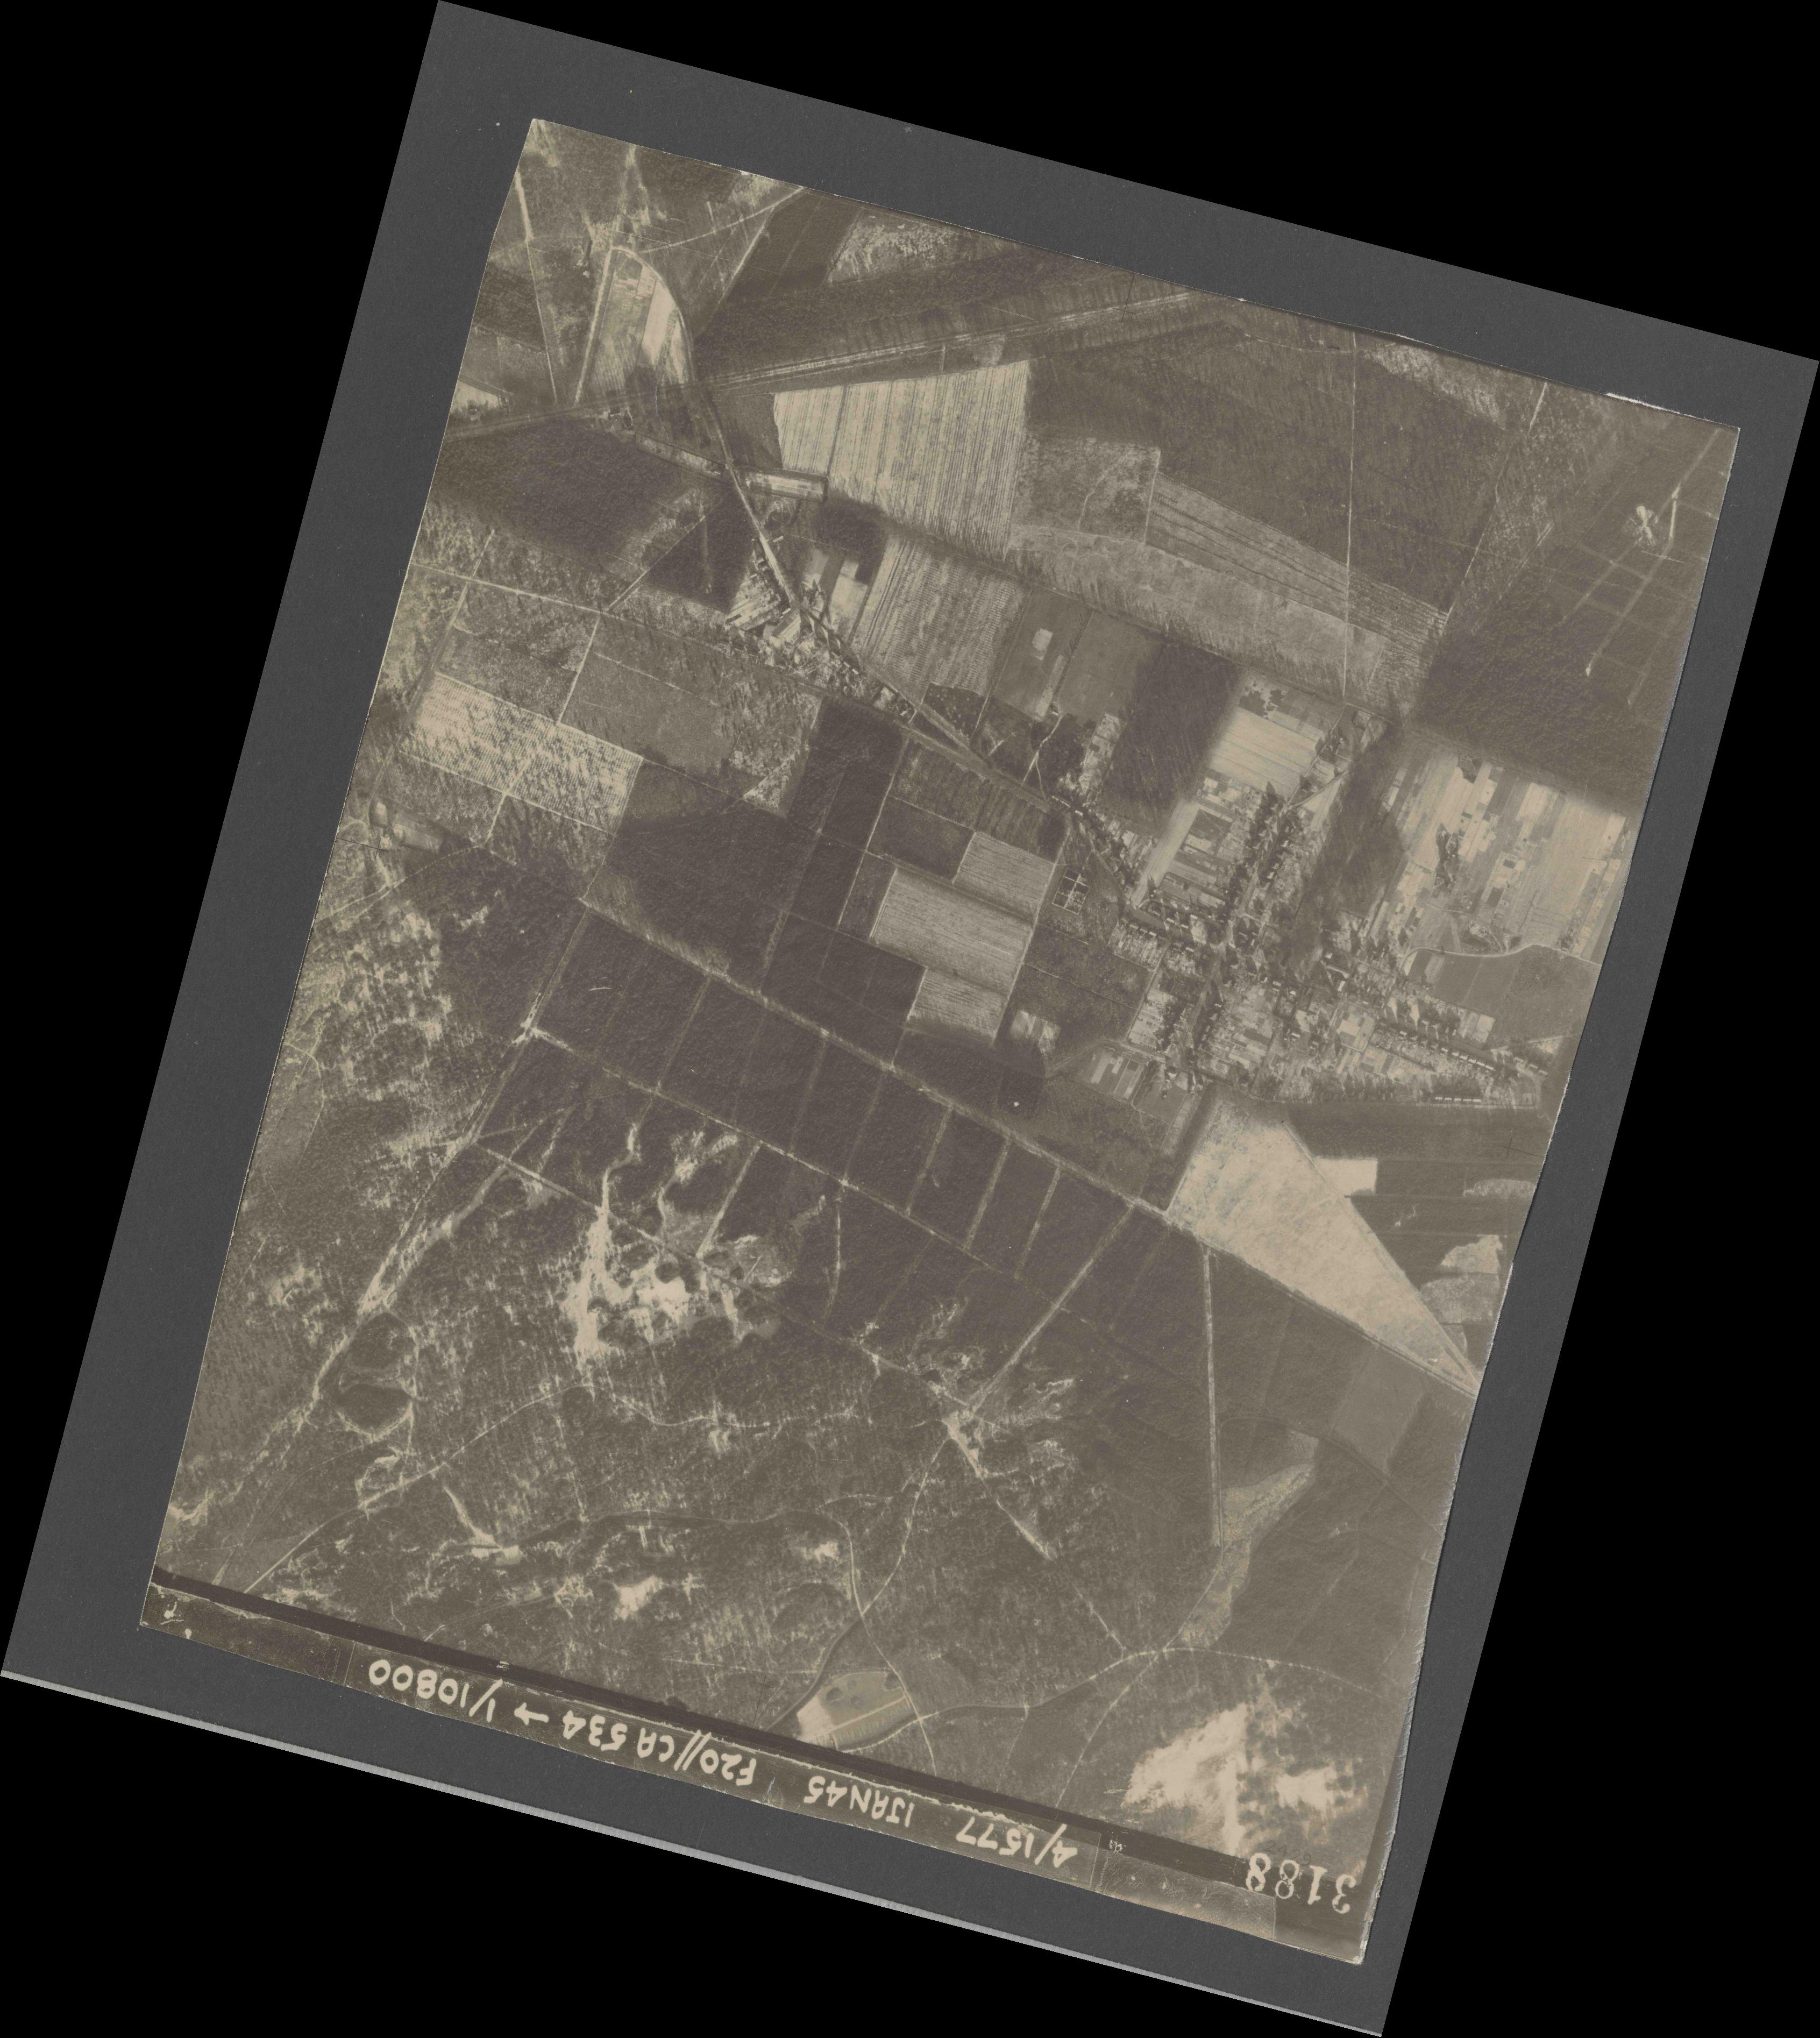 Collection RAF aerial photos 1940-1945 - flight 105, run 02, photo 3188